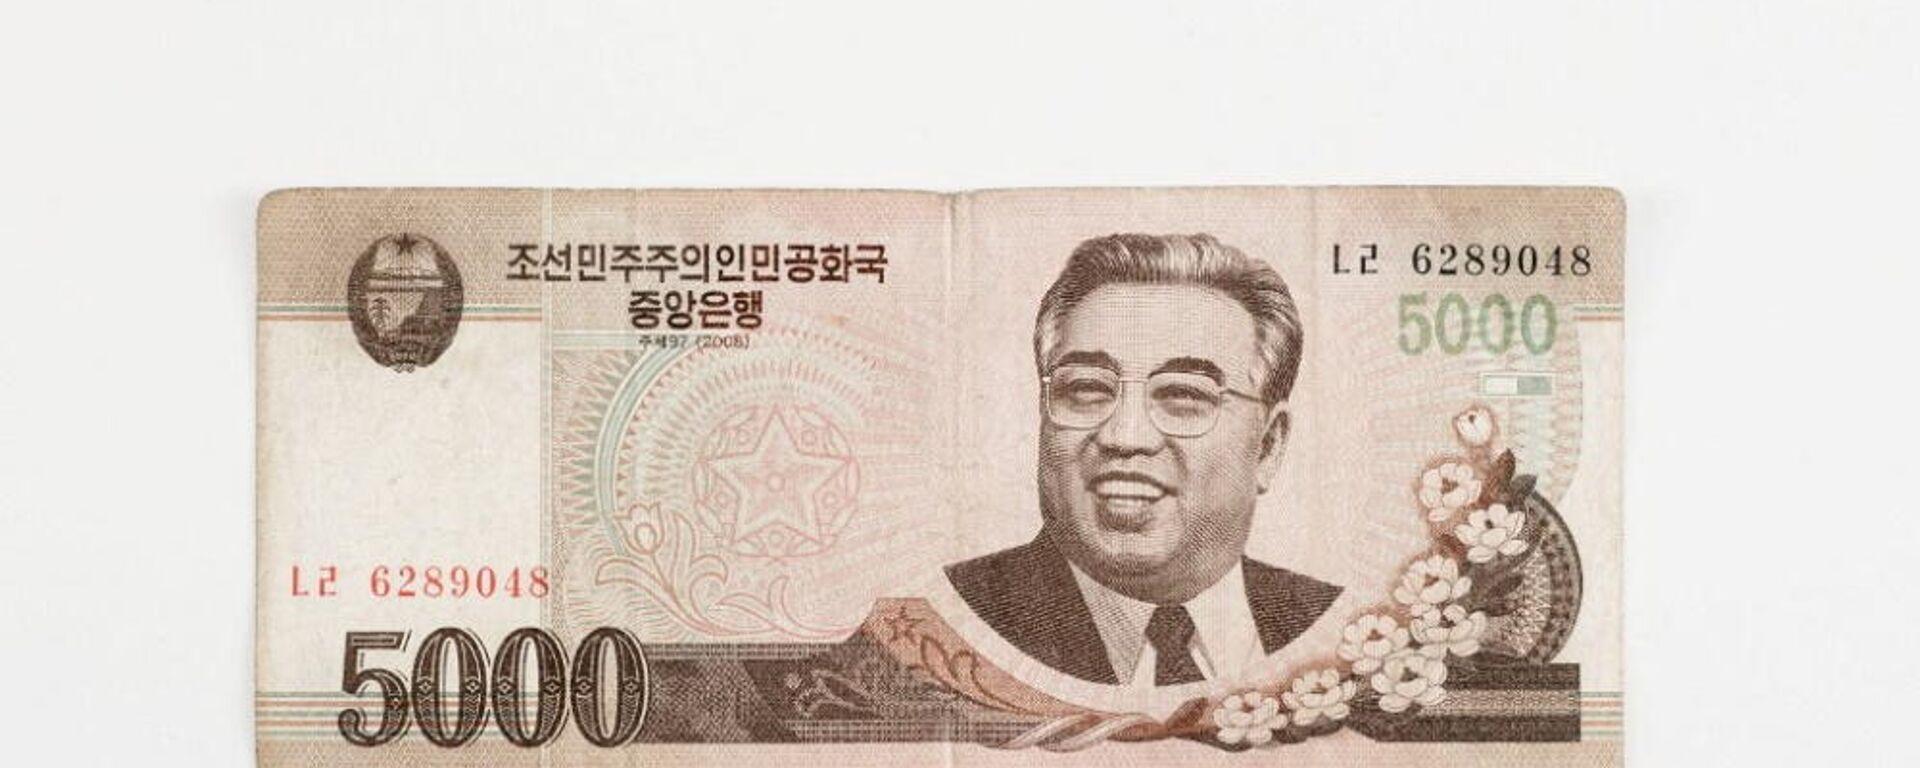 Χαρτονόμισμα 5.000 γουόν Βόρειας Κορέας  - Sputnik Ελλάδα, 1920, 23.07.2021